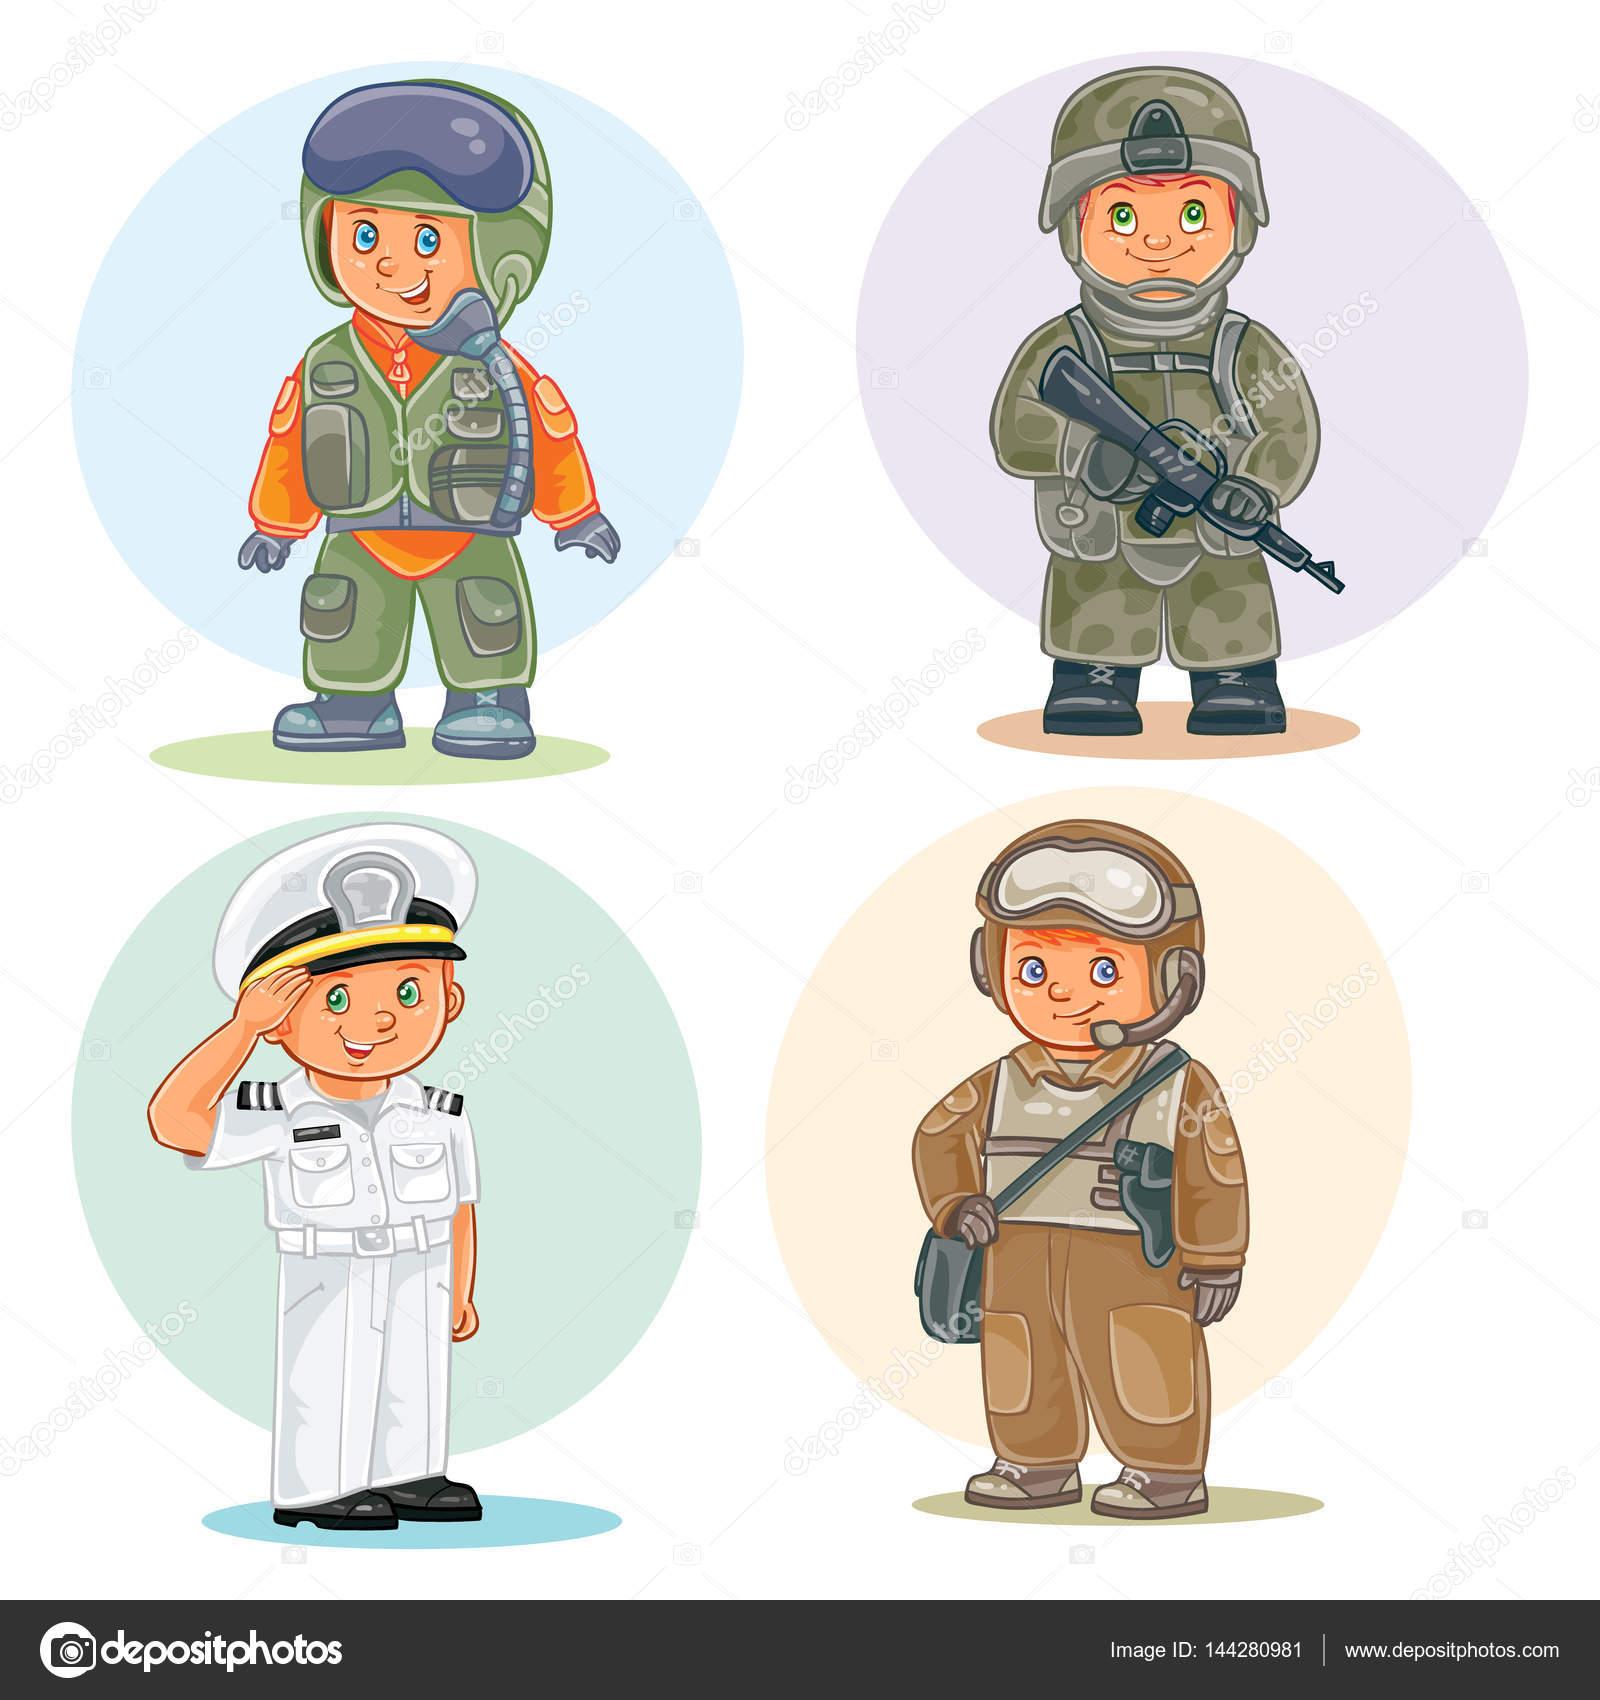 картинка моряка танкиста стоит забывать